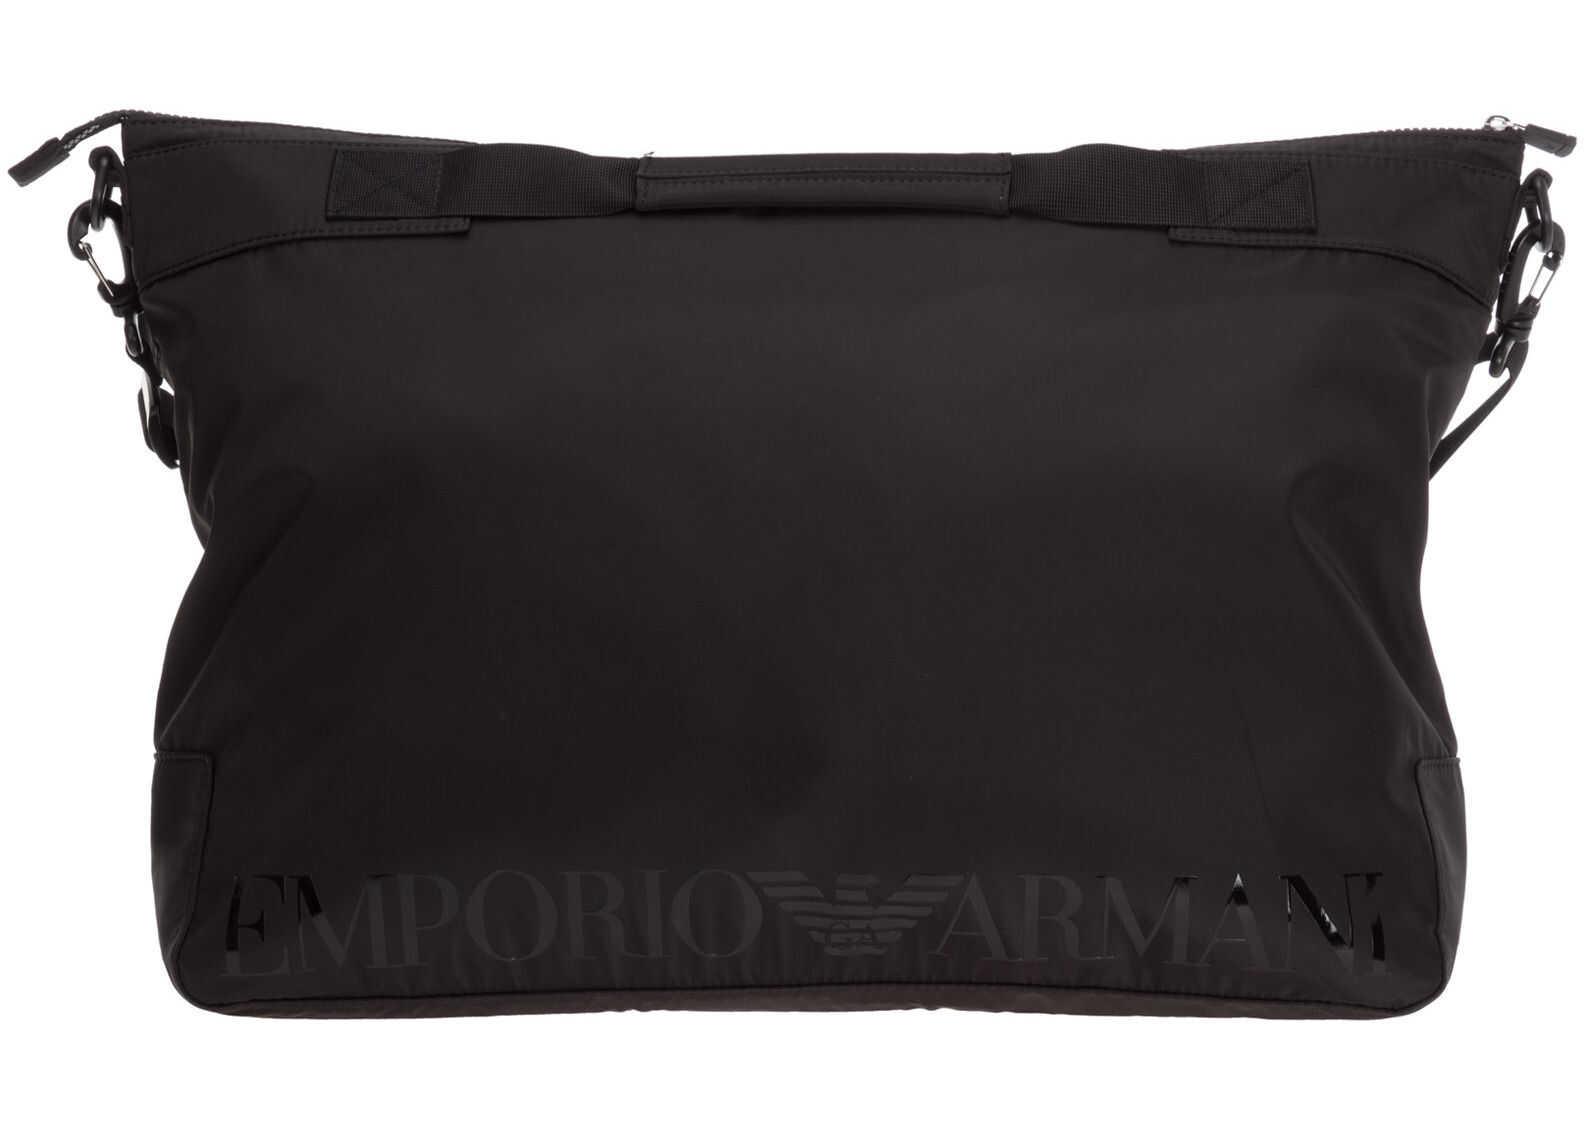 Emporio Armani Shoulder Bag 2112471P80200020 Black imagine b-mall.ro